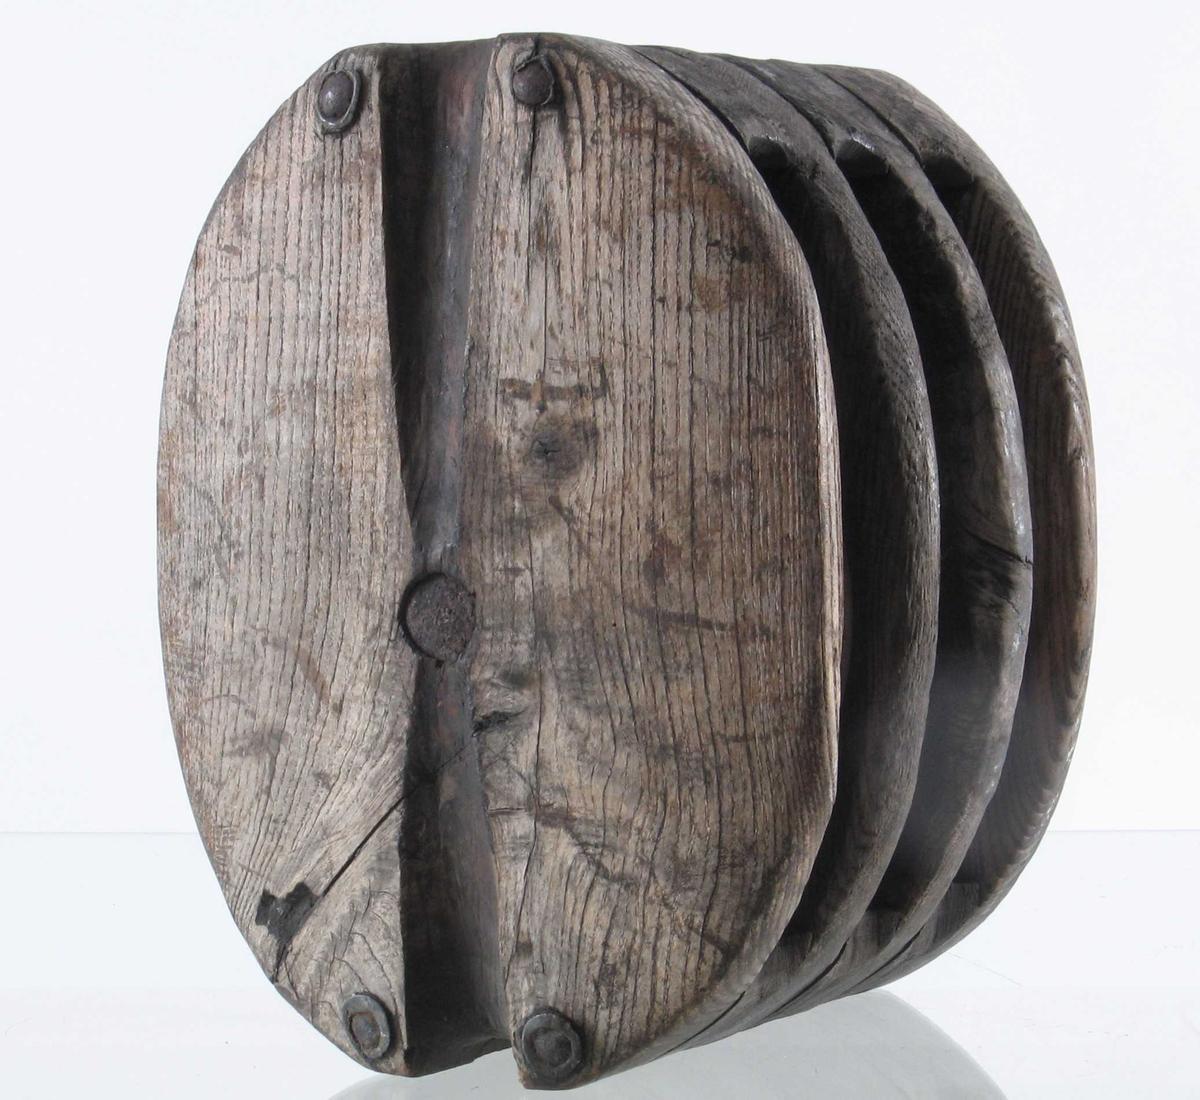 Blokk, 3 skåren.  Ask  med 3 skiver av  pukkenholt.   Tilstand: slitt, grå i treet, alle skivene har  sprekker.   Jern  bolten rusten.  høsten 1932.